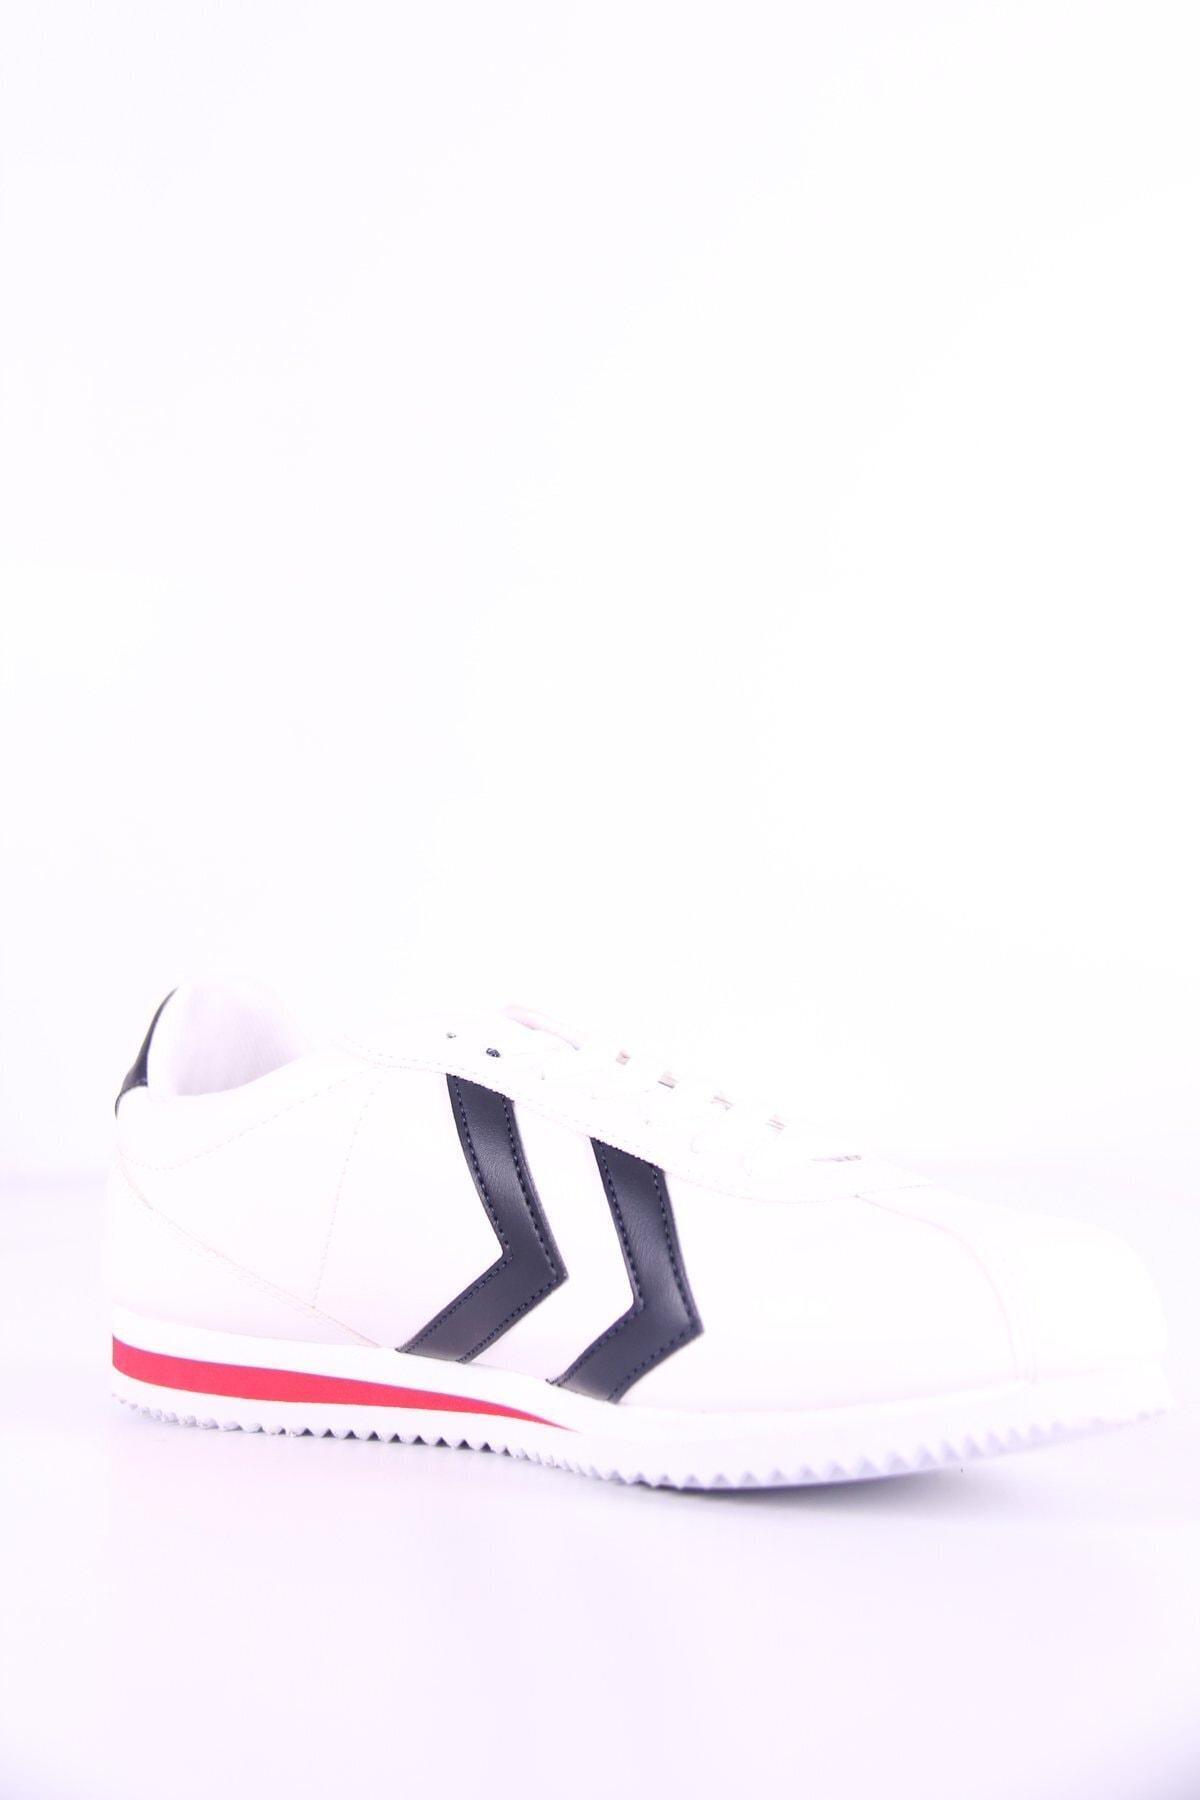 HUMMEL Unisex Beyaz Ninetyone Spor Ayakkabı 206307-9001 2